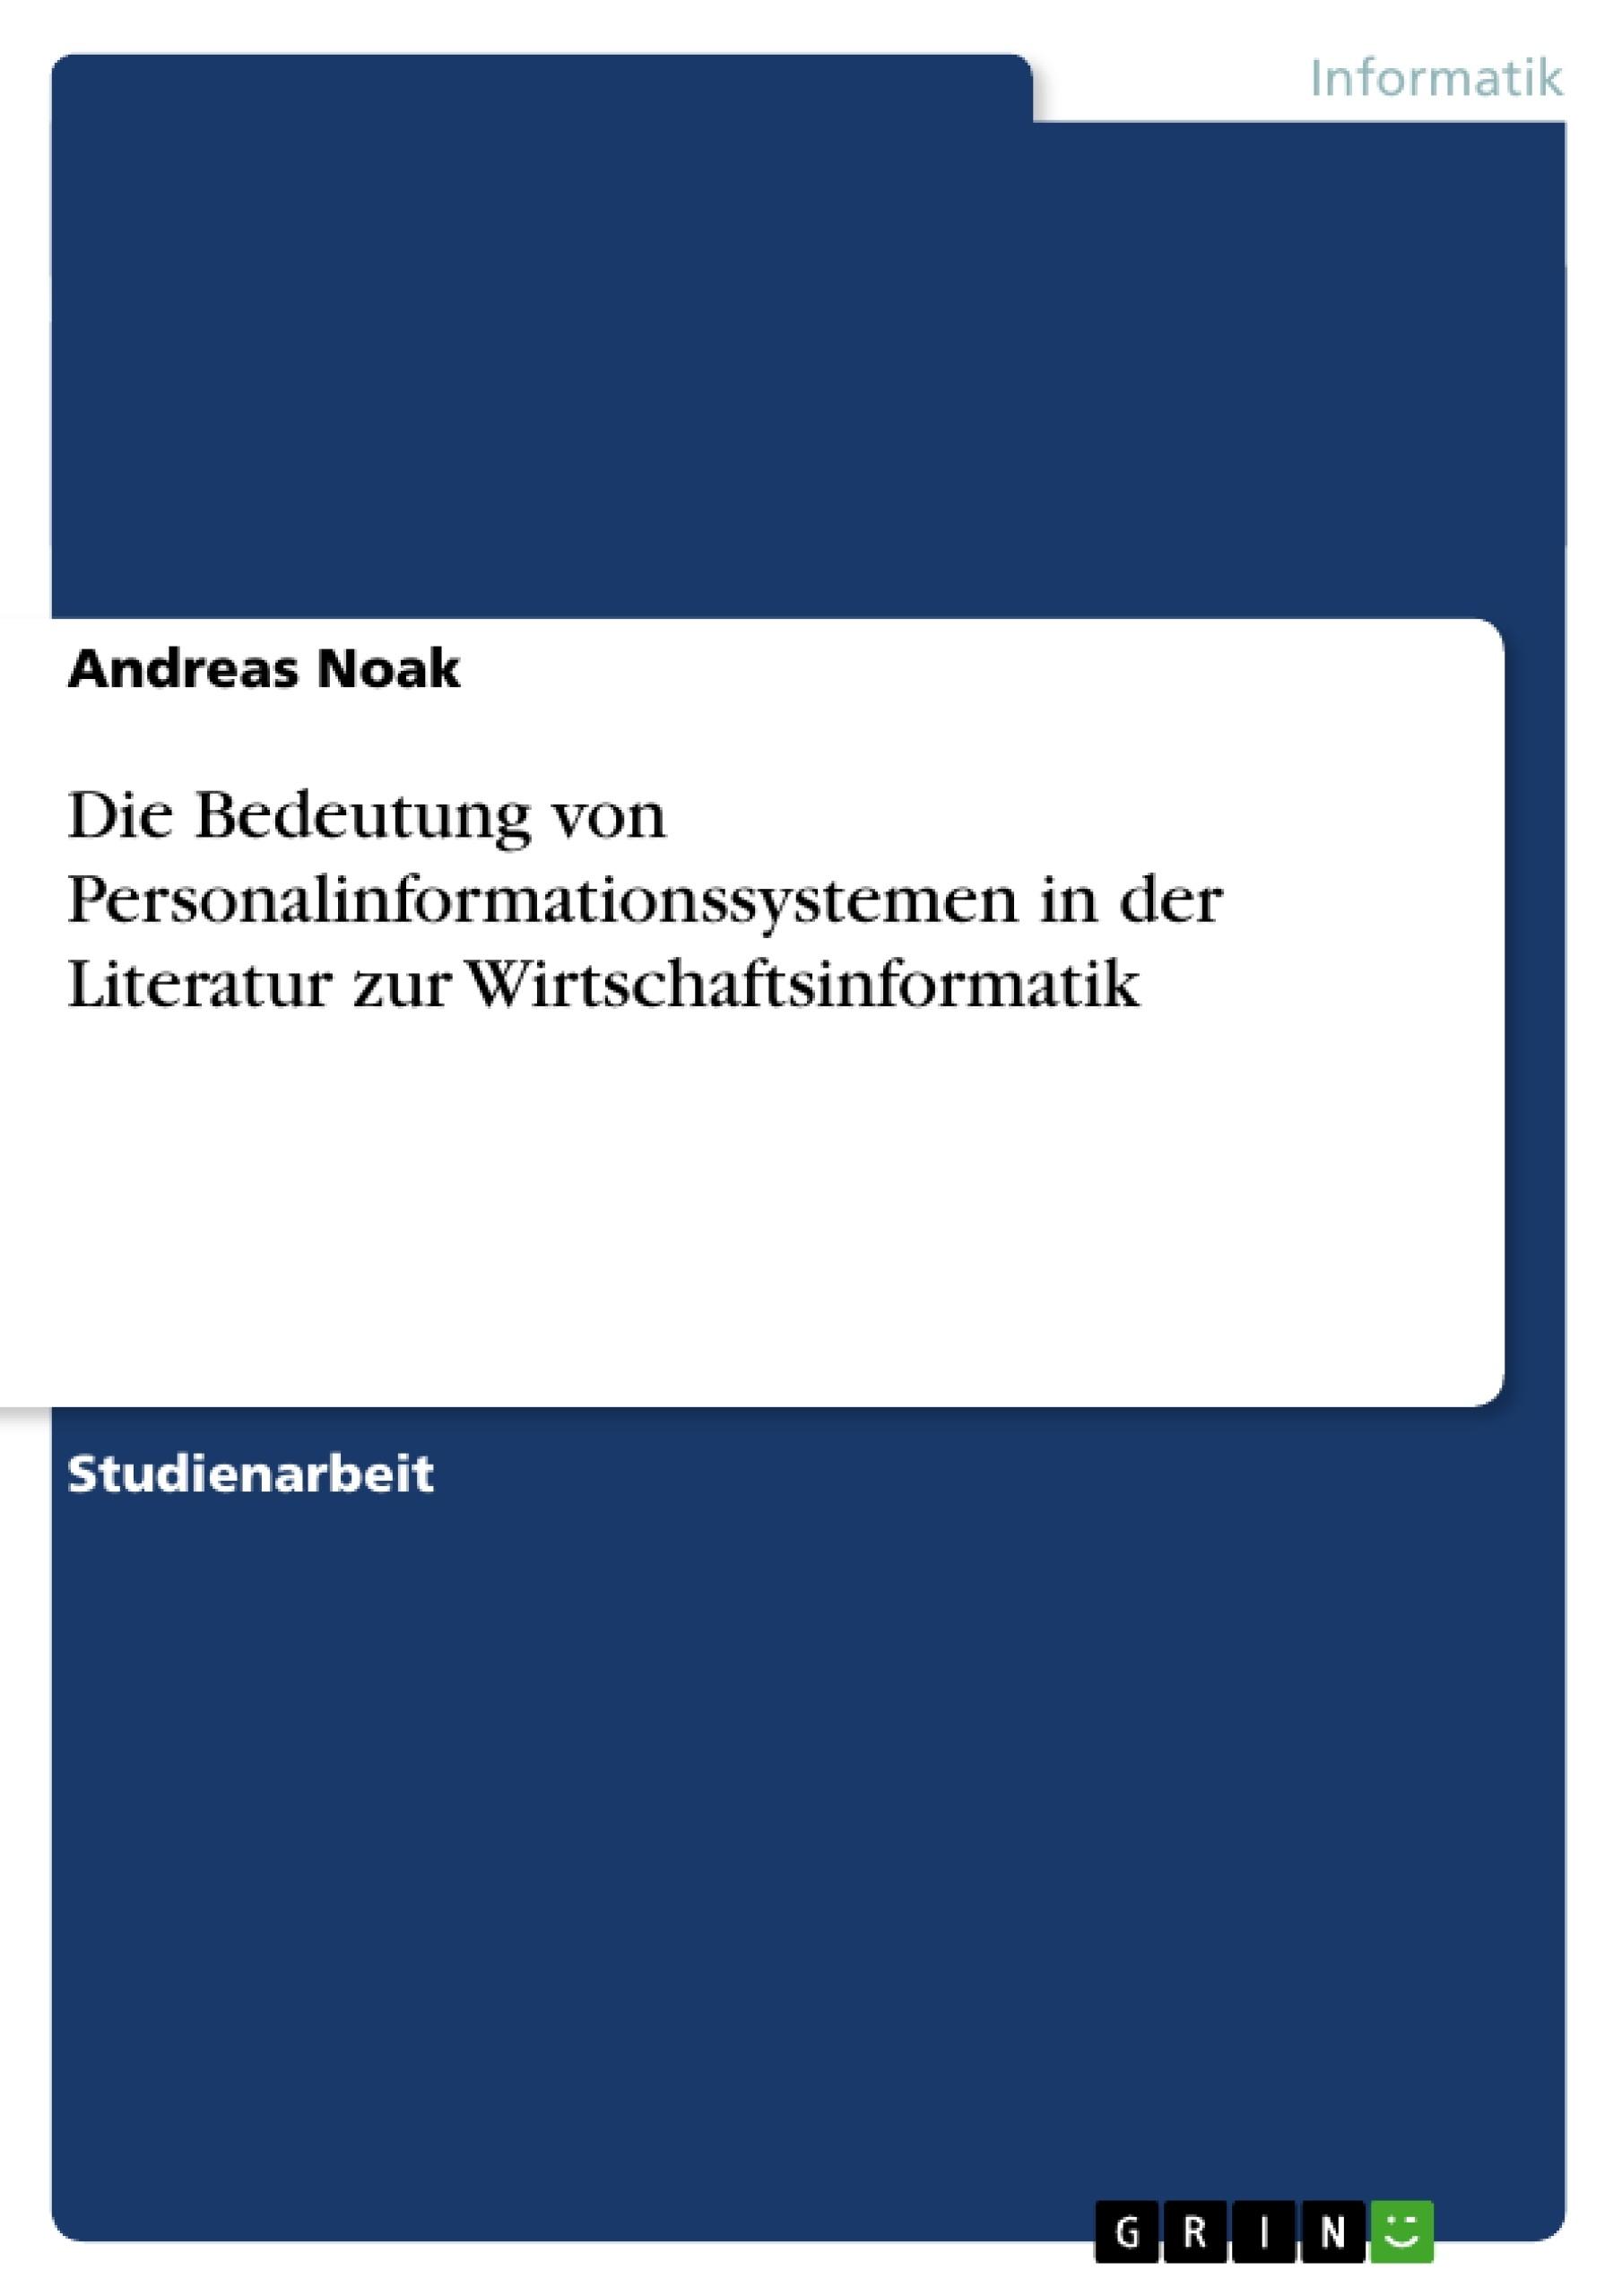 Titel: Die Bedeutung von Personalinformationssystemen in der Literatur zur Wirtschaftsinformatik